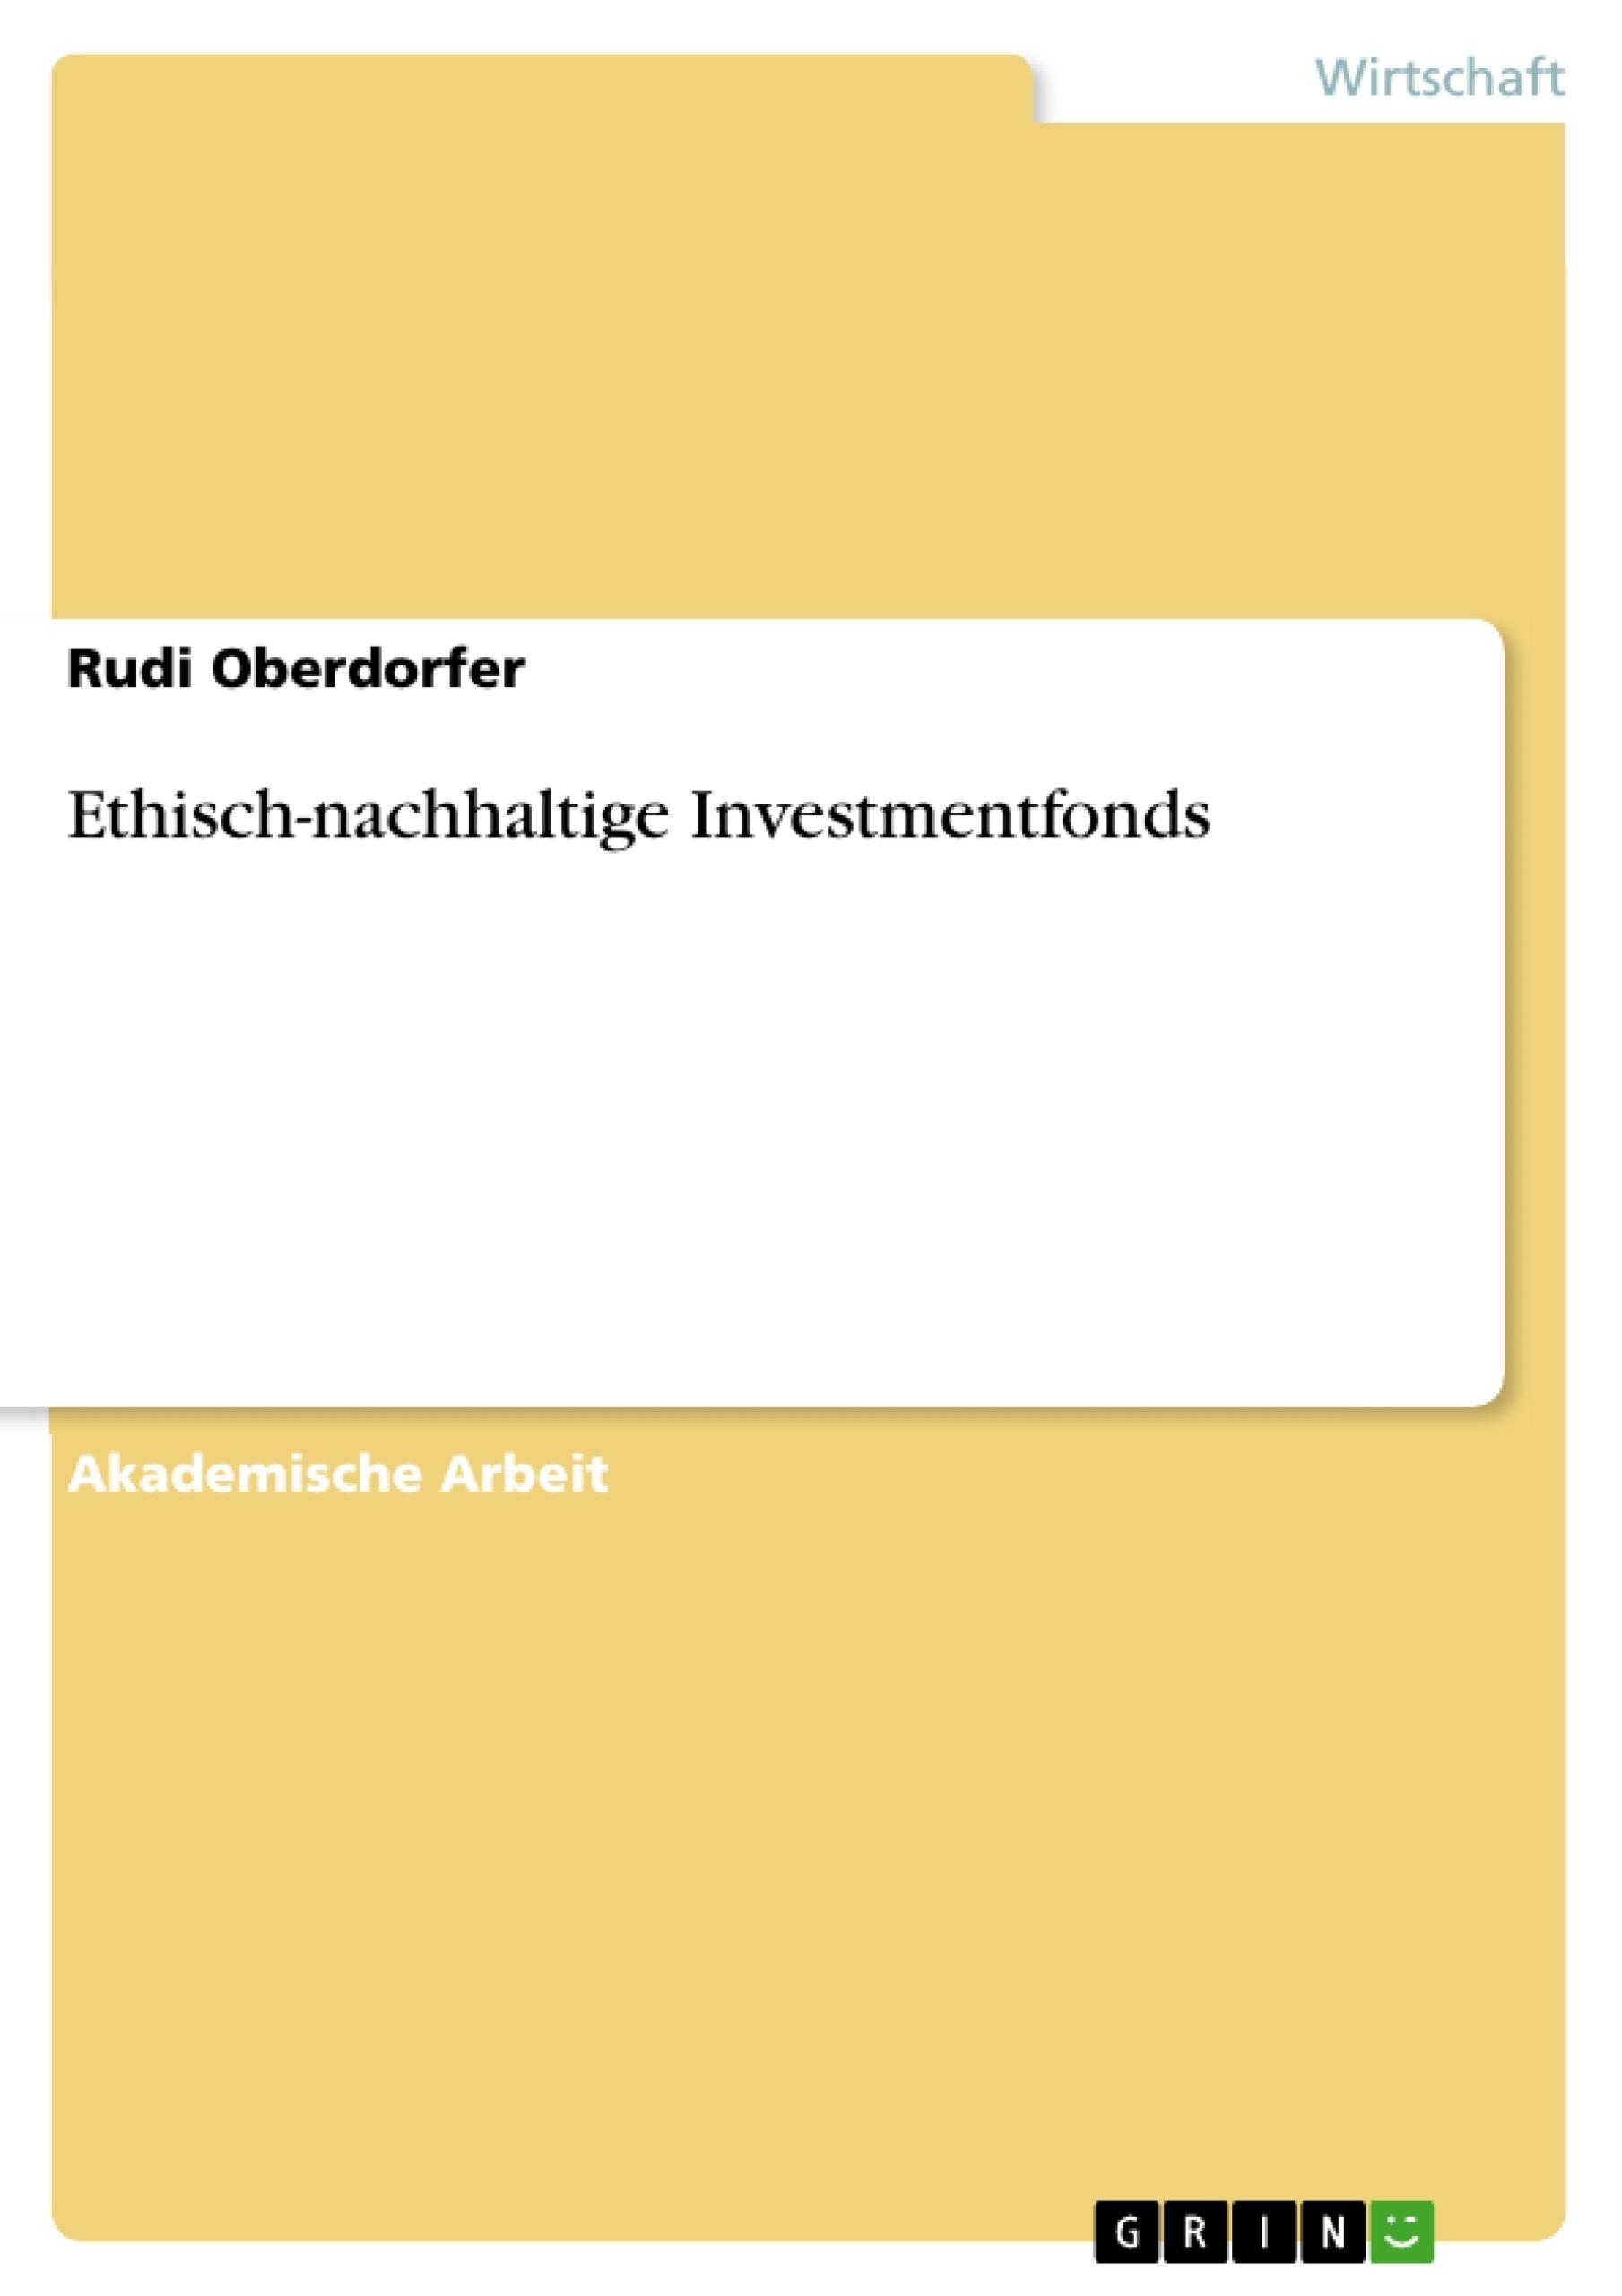 Titel: Ethisch-nachhaltige Investmentfonds